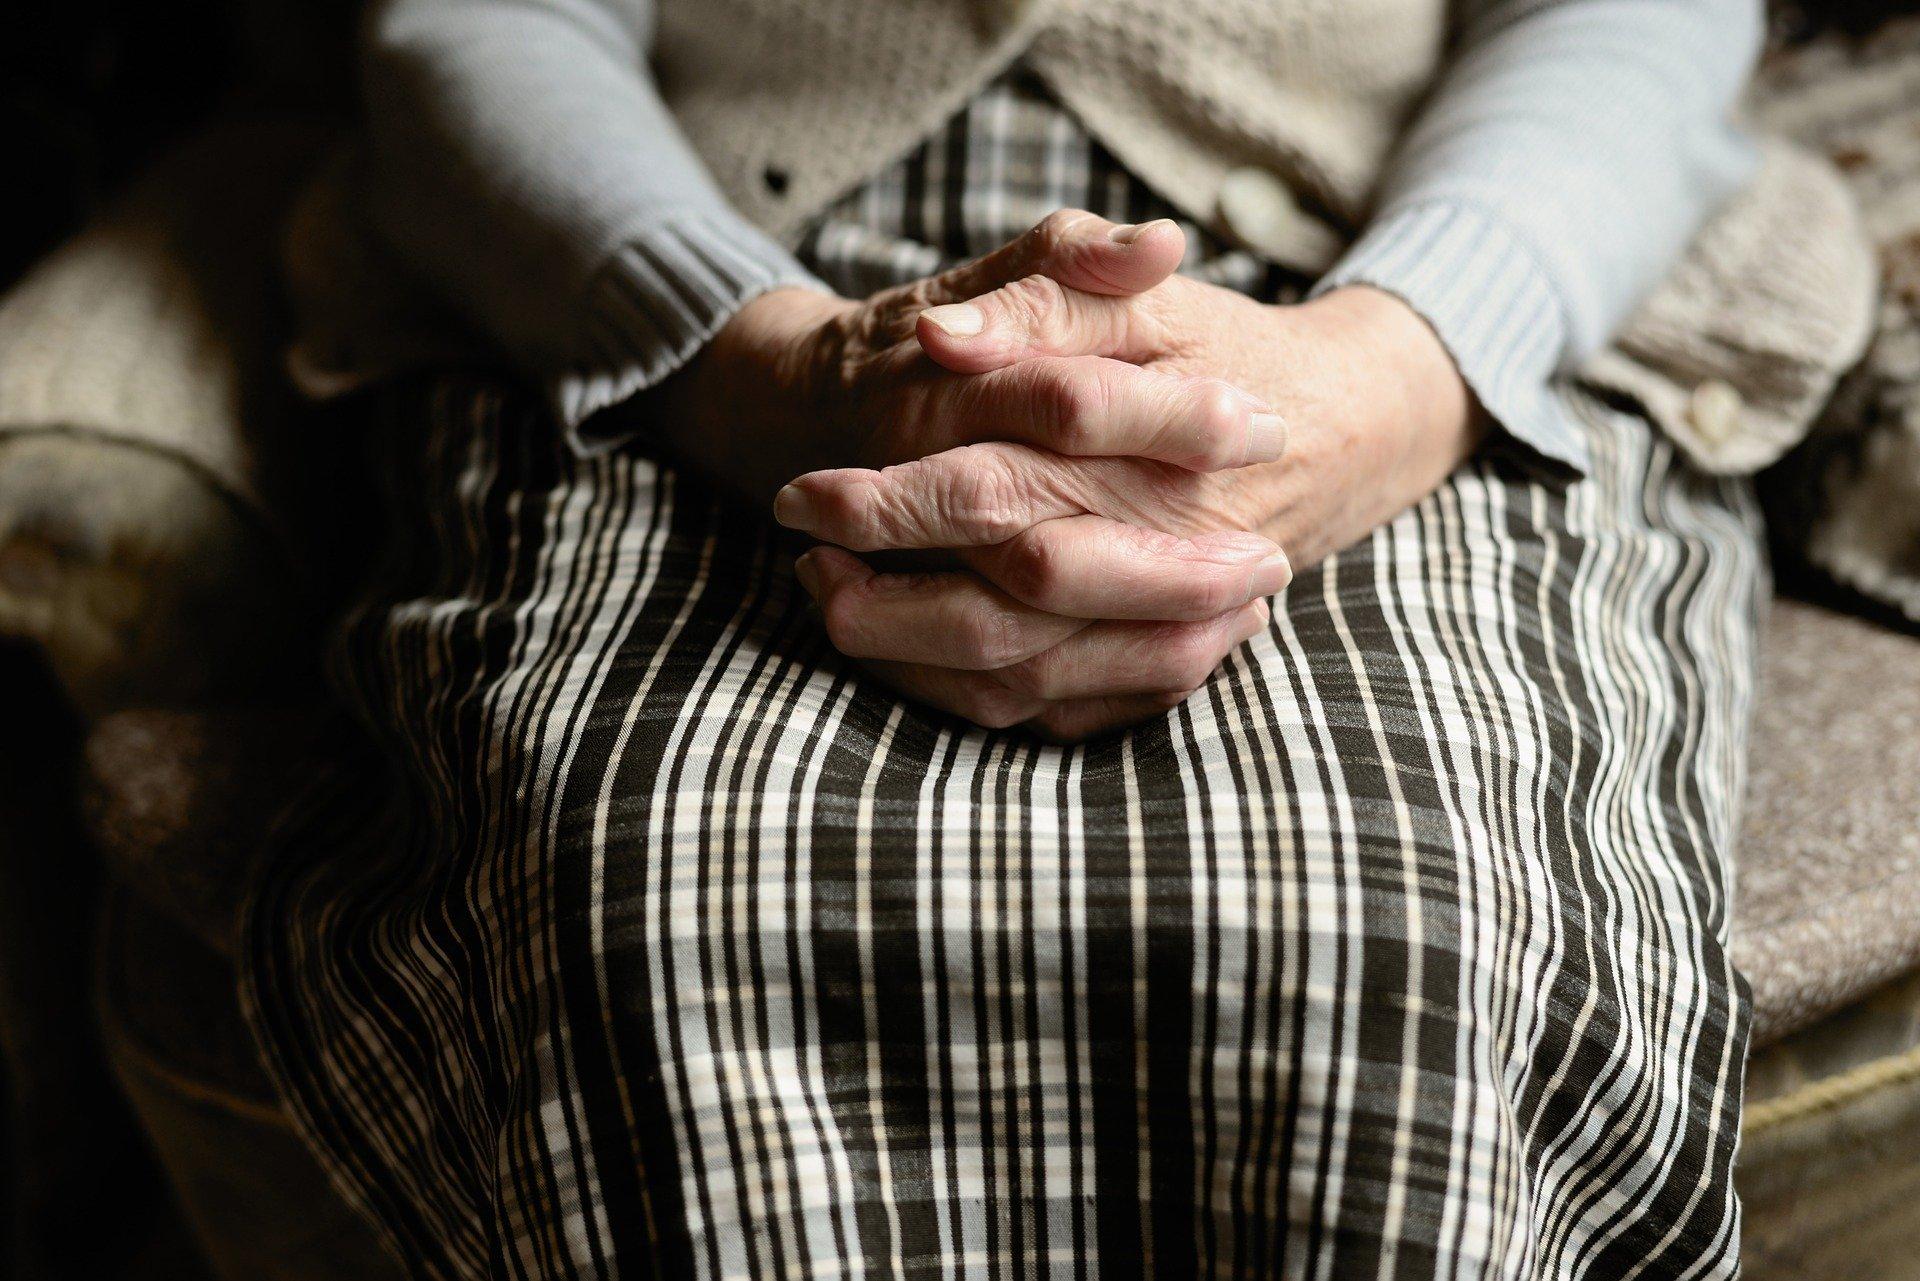 Koniec ze wciskaniem garnków seniorom. Będą zmiany w prawie - Zdjęcie główne